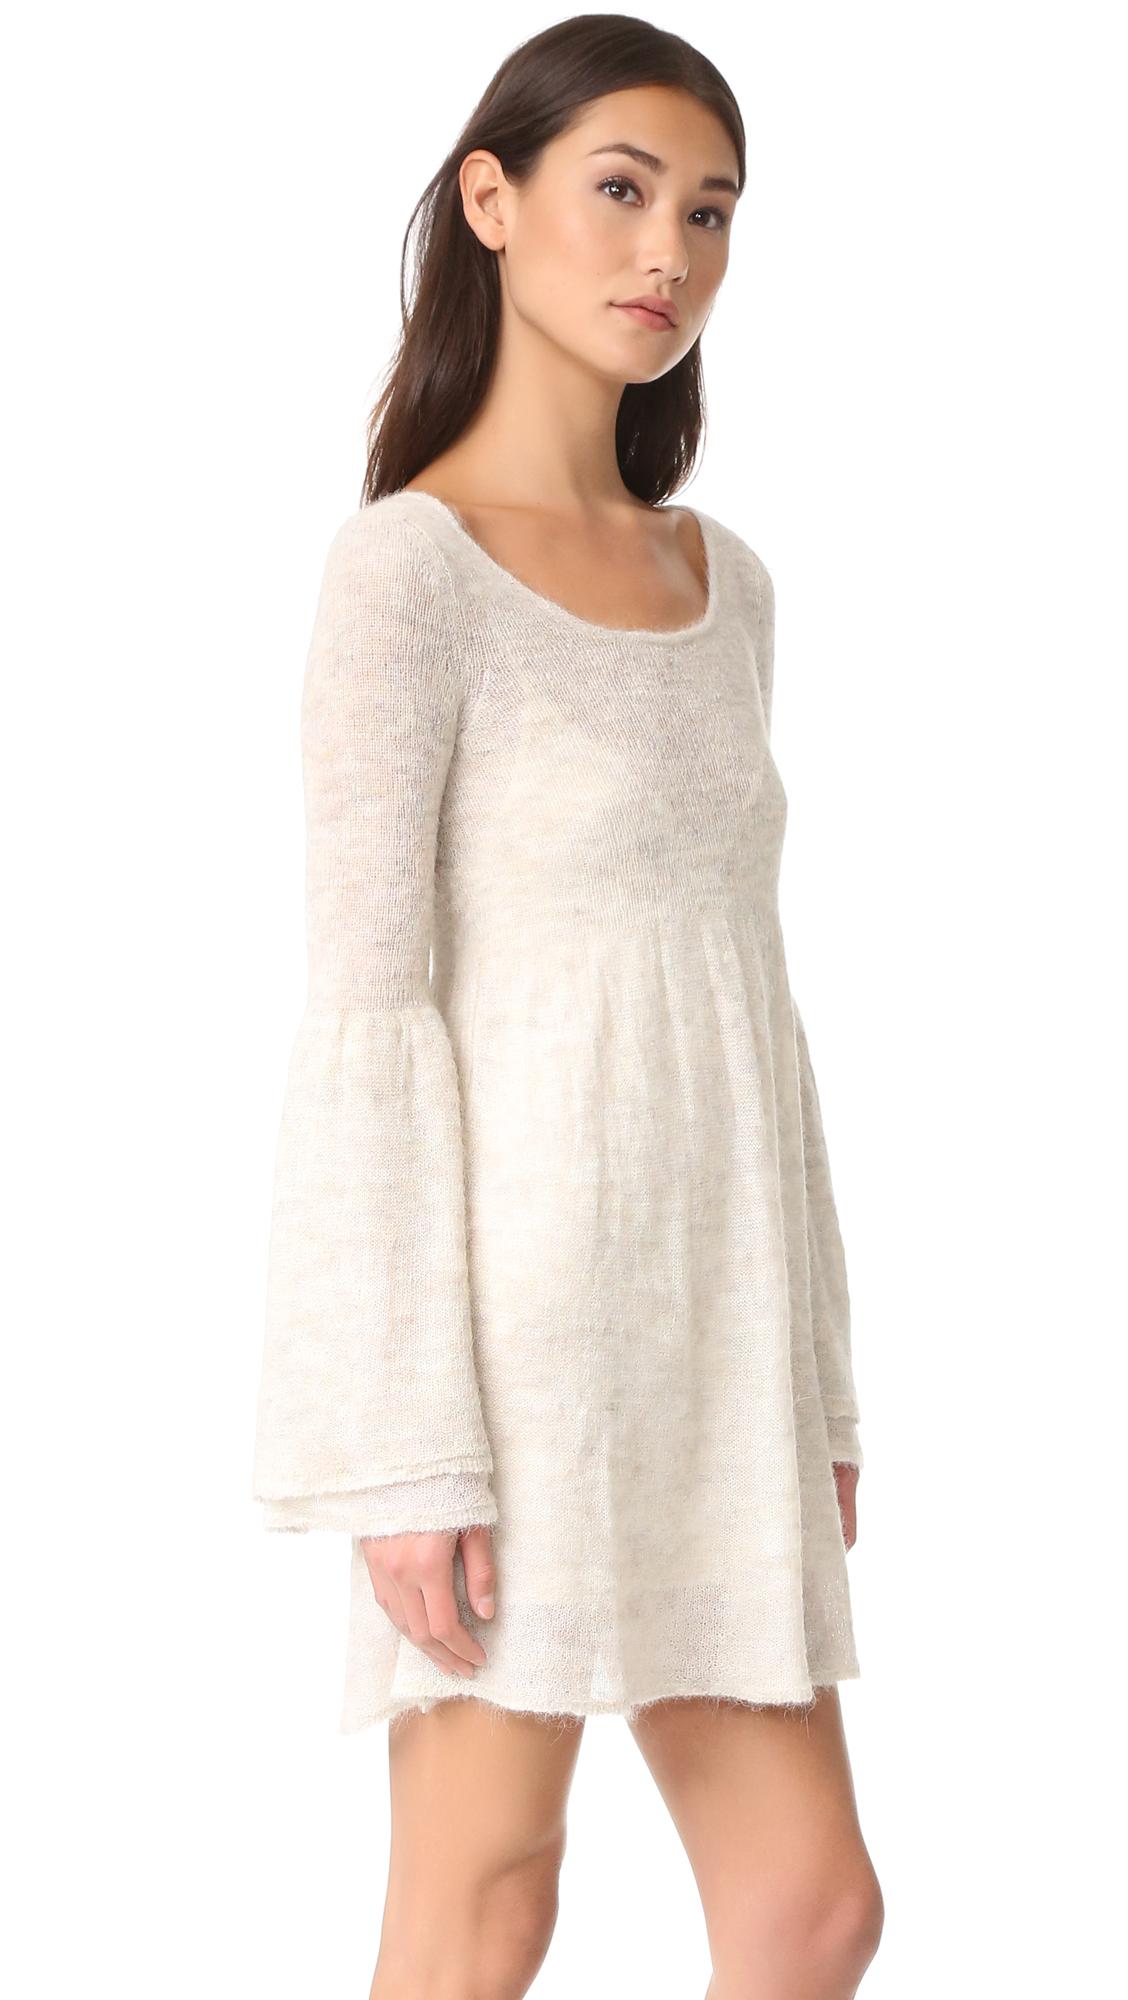 8f150b34dce3 Free People Juliet Babydoll Sweater Dress